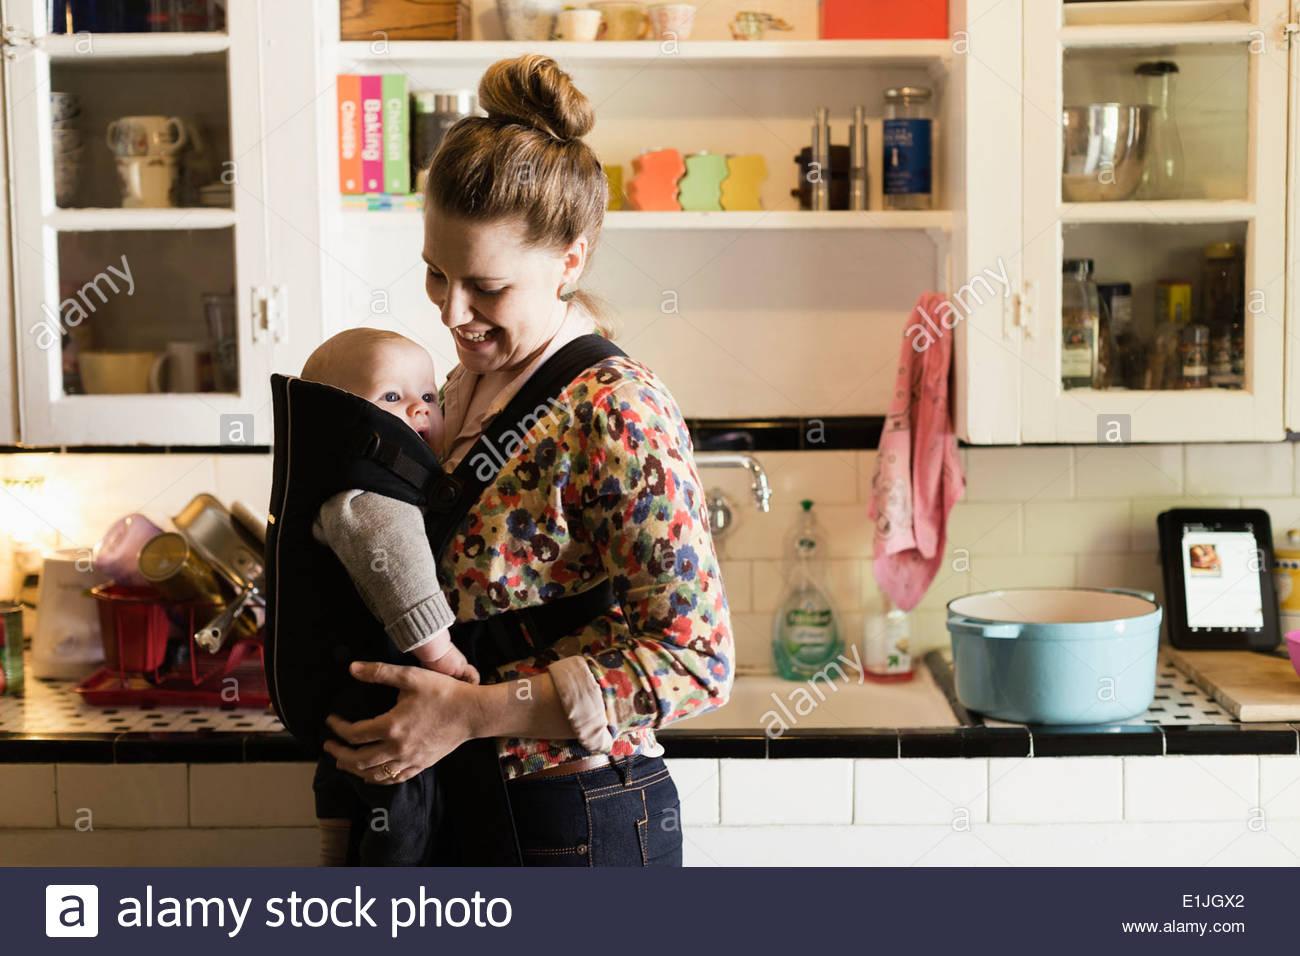 Mitte Erwachsene Mutter mit Baby Sohn in Schlinge in Küche Stockbild